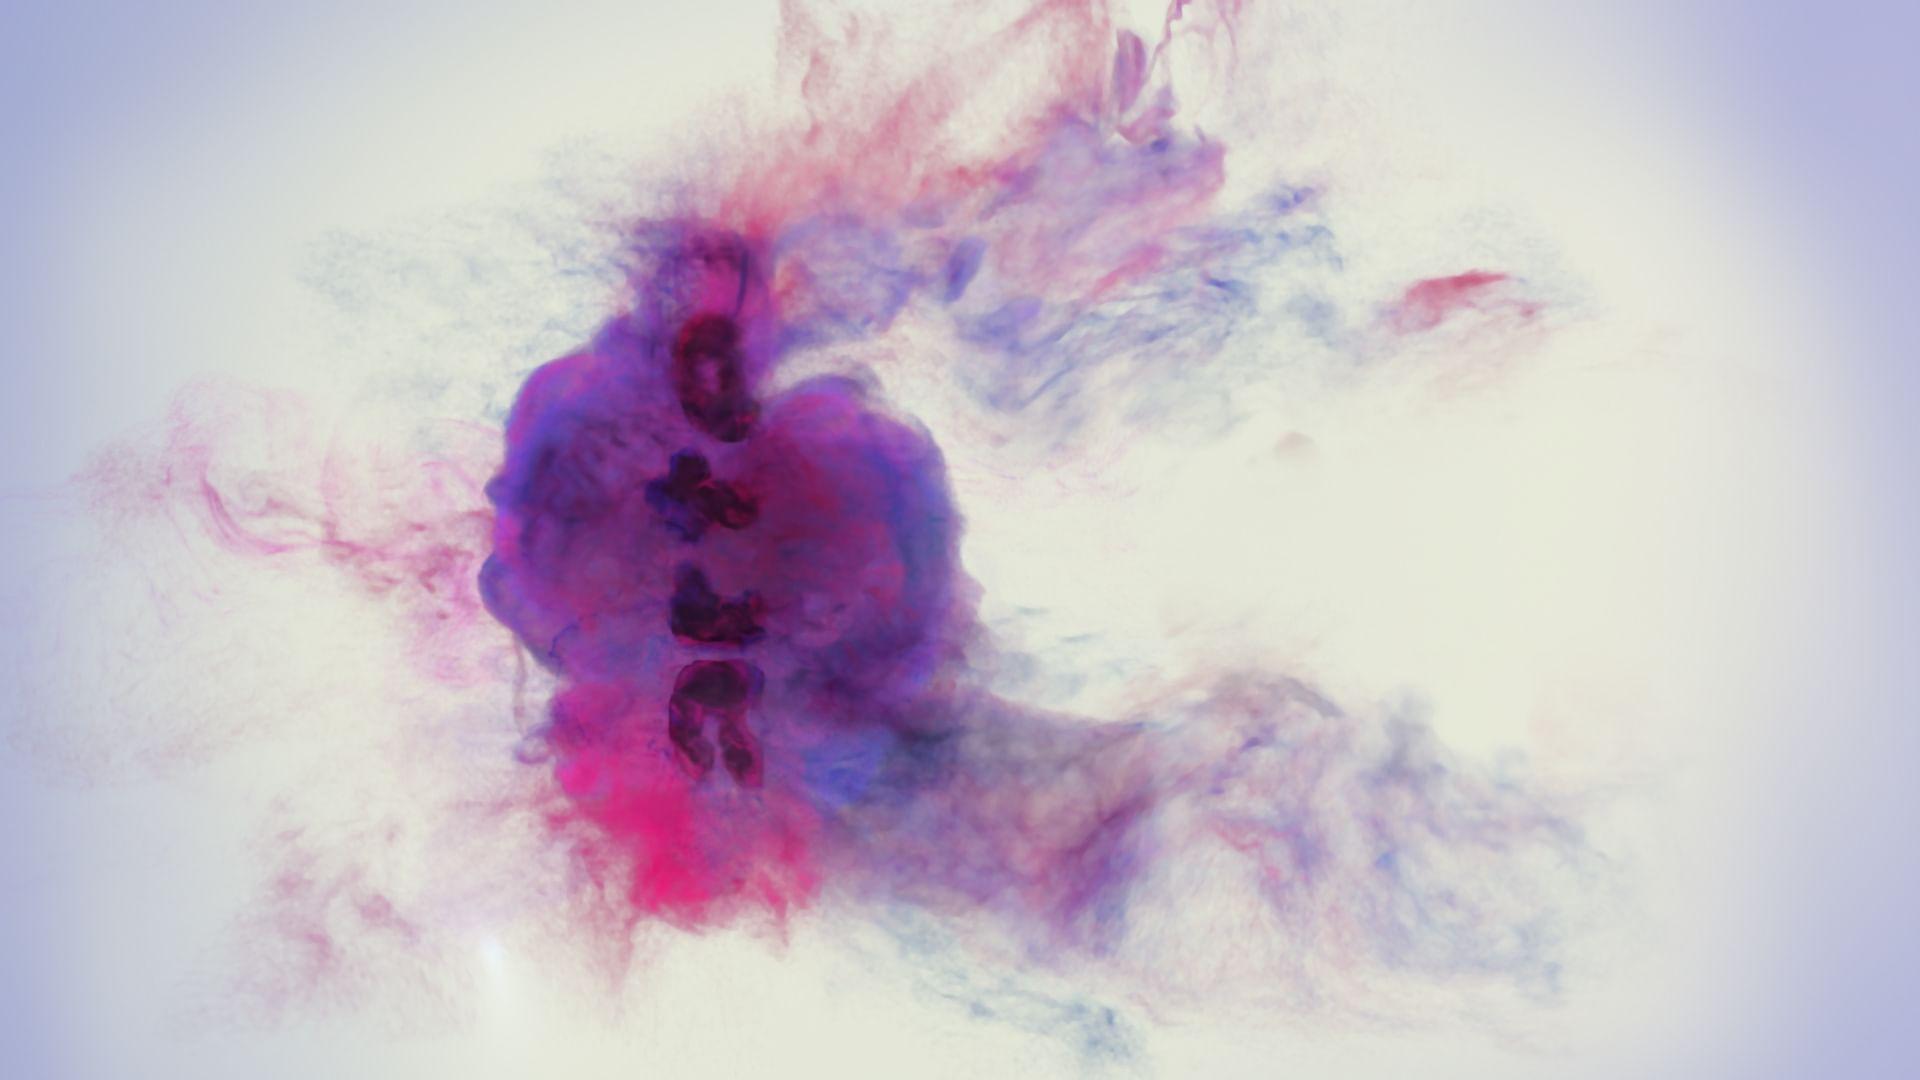 """Das wöchentliche Webmagazin """"BiTS"""" zeigt die geekige Welt in allen ihren Erscheinungsformen, zieht Pop über den Höhenkamm und schlägt Brücken zwischen Mainstream- und Netzkultur."""